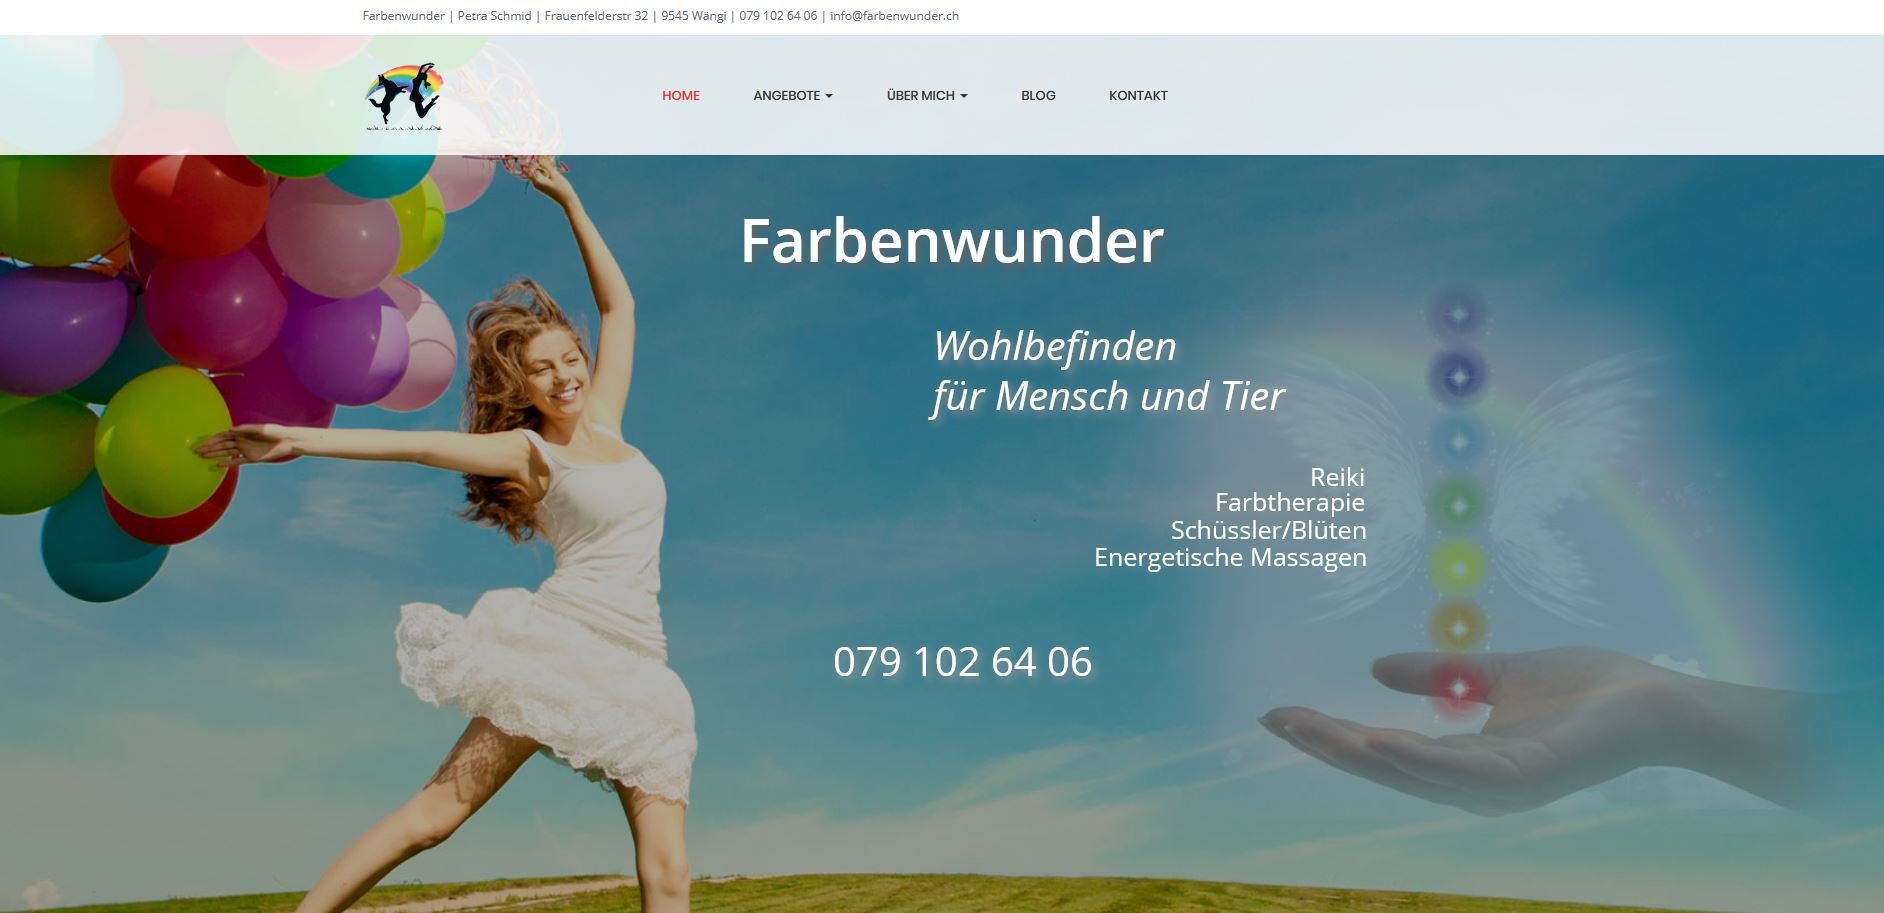 www.farbenwunder.ch